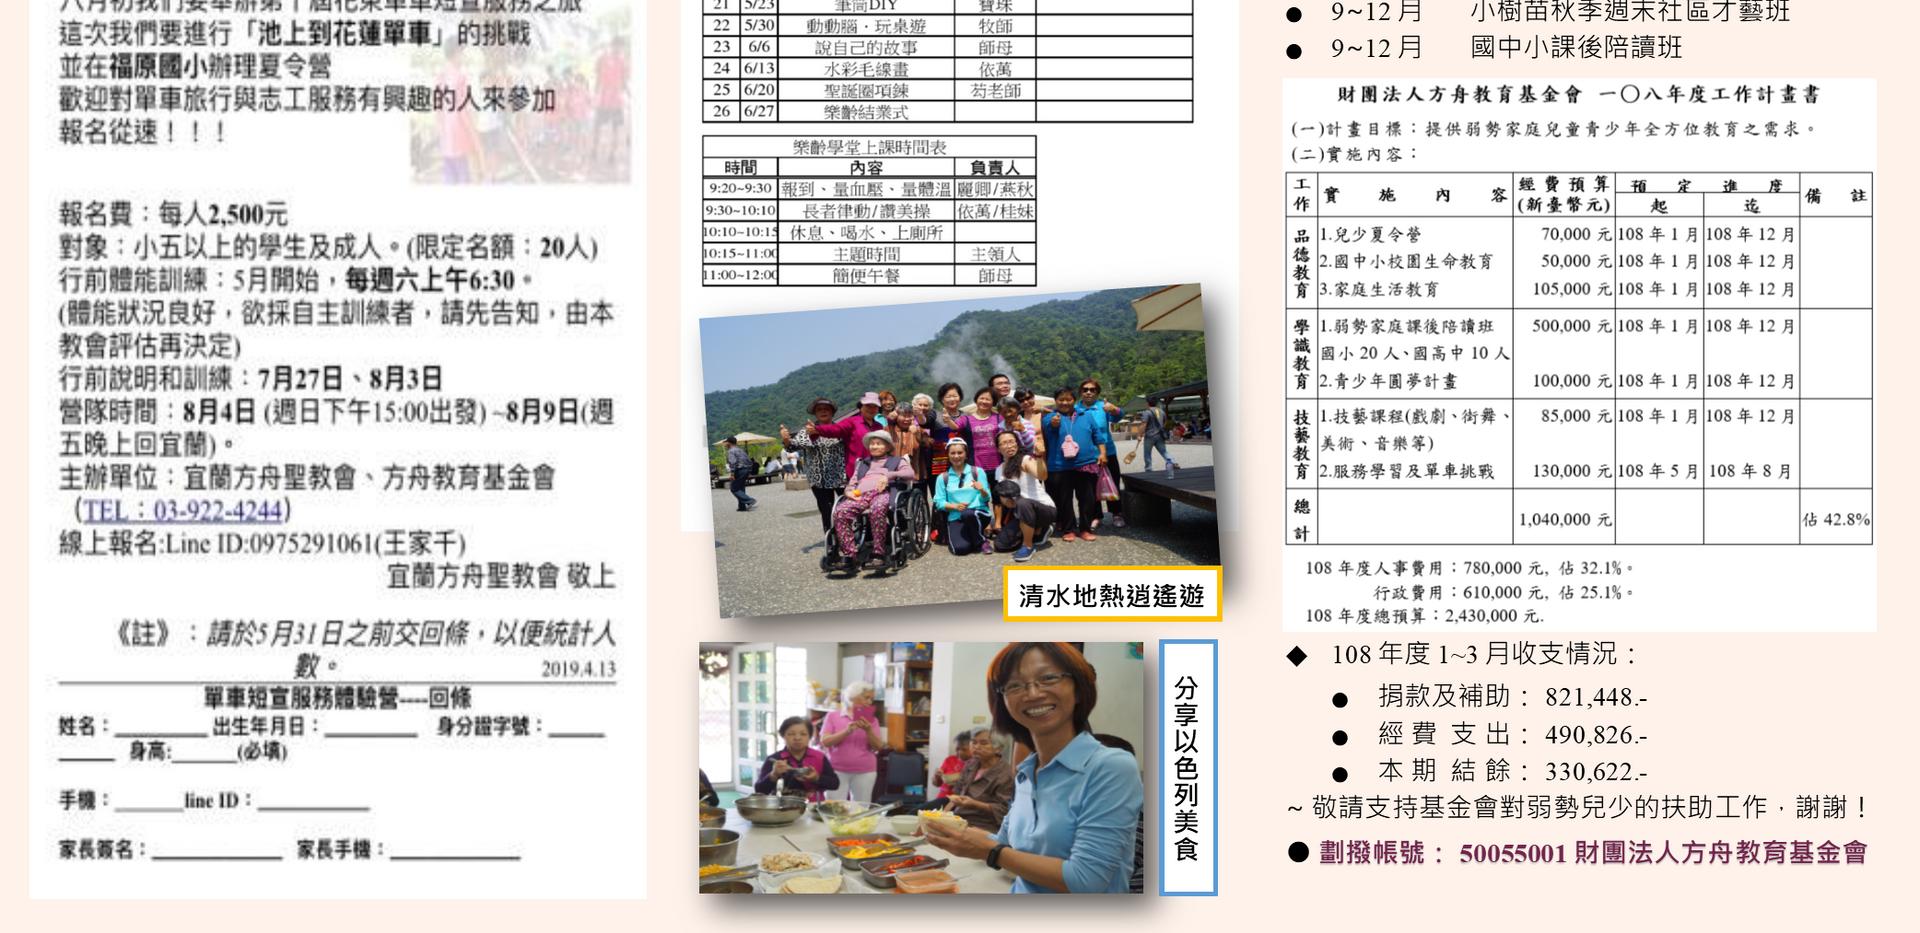 方舟家書(新版)2019-4-2.png